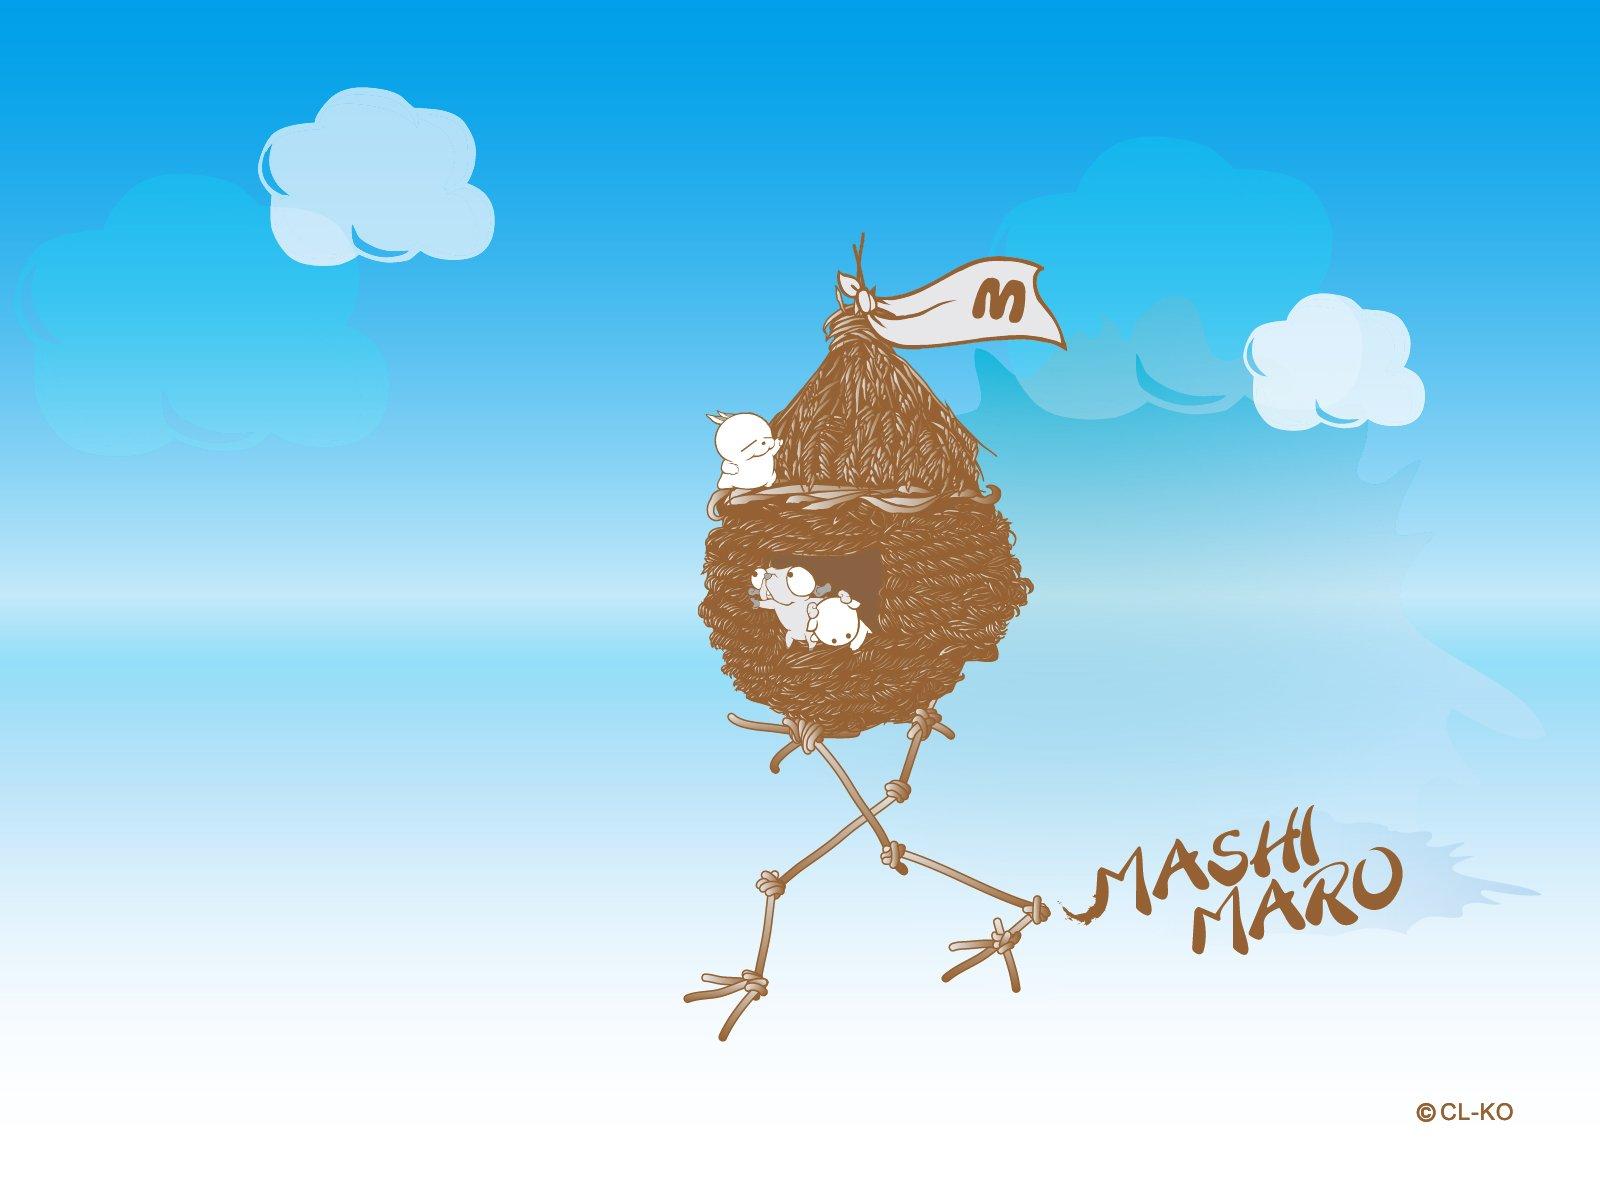 小鸟依人的意思解释 近义词 反义词 小鸟依人成语接龙